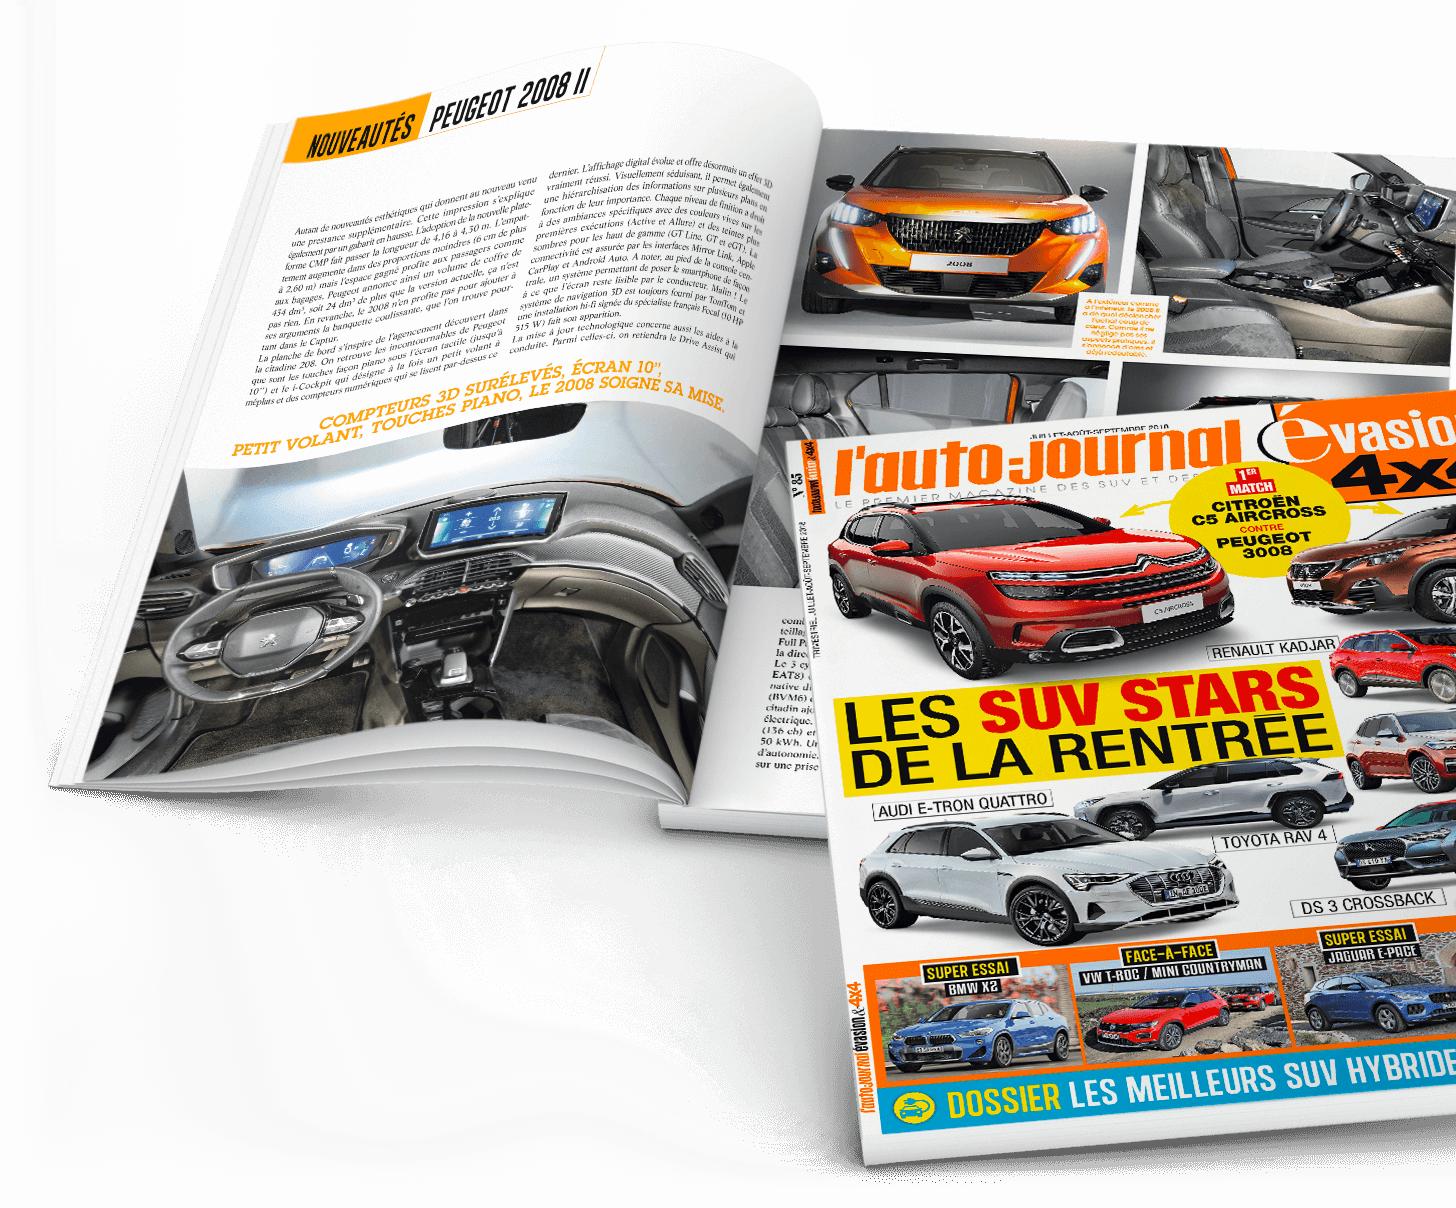 L'Auto-Journal 4x4